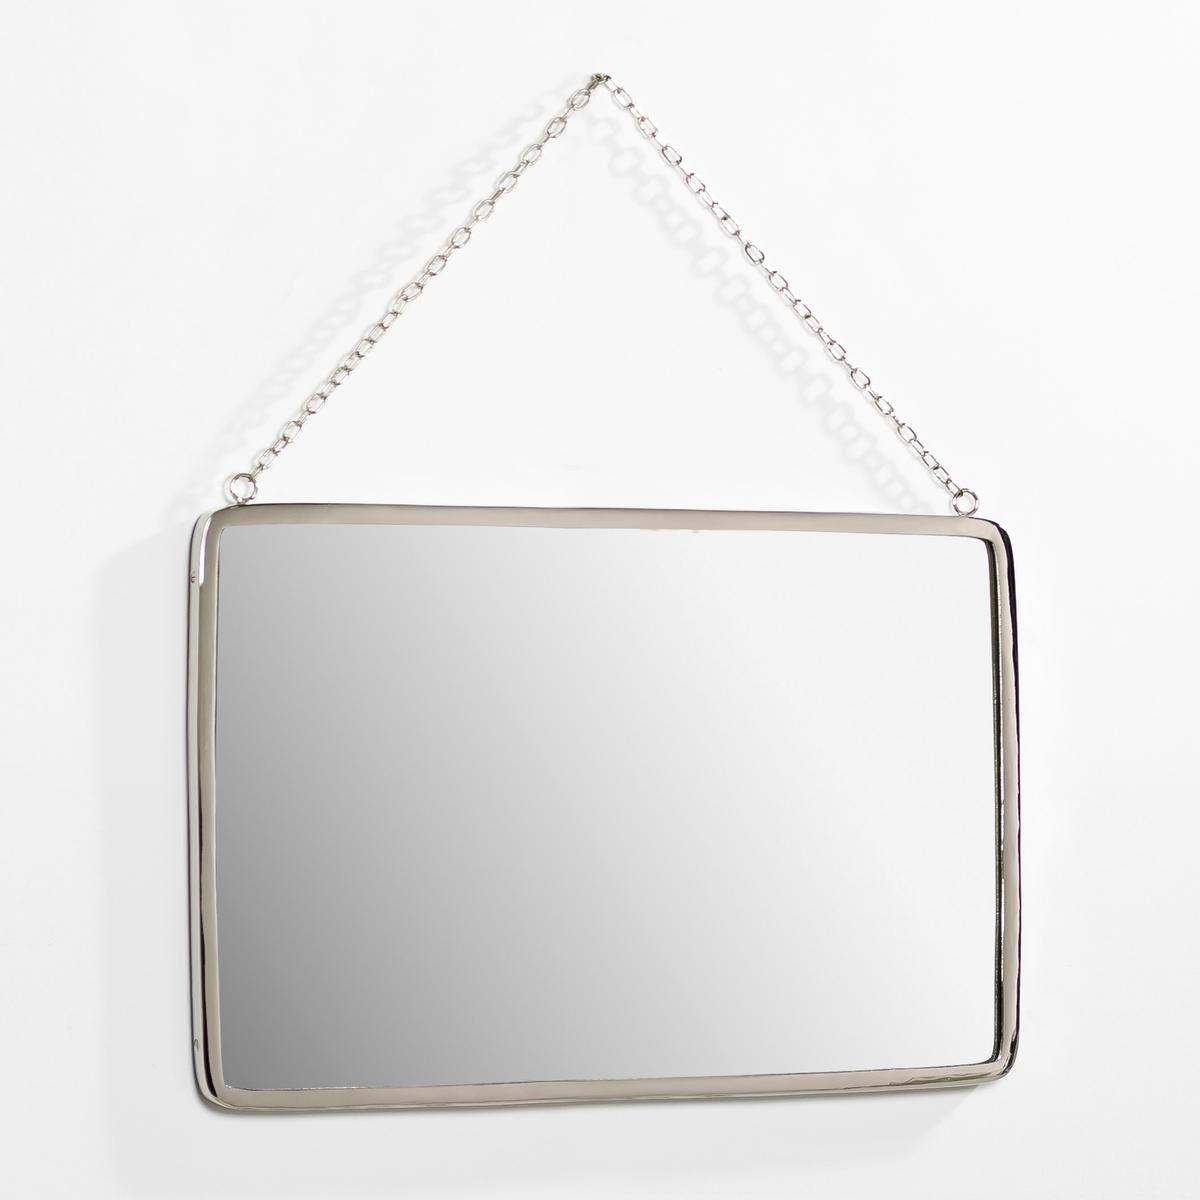 Зеркало прямоугольное . Д50 x В37 см, Barbier<br><br>Цвет: прозрачный